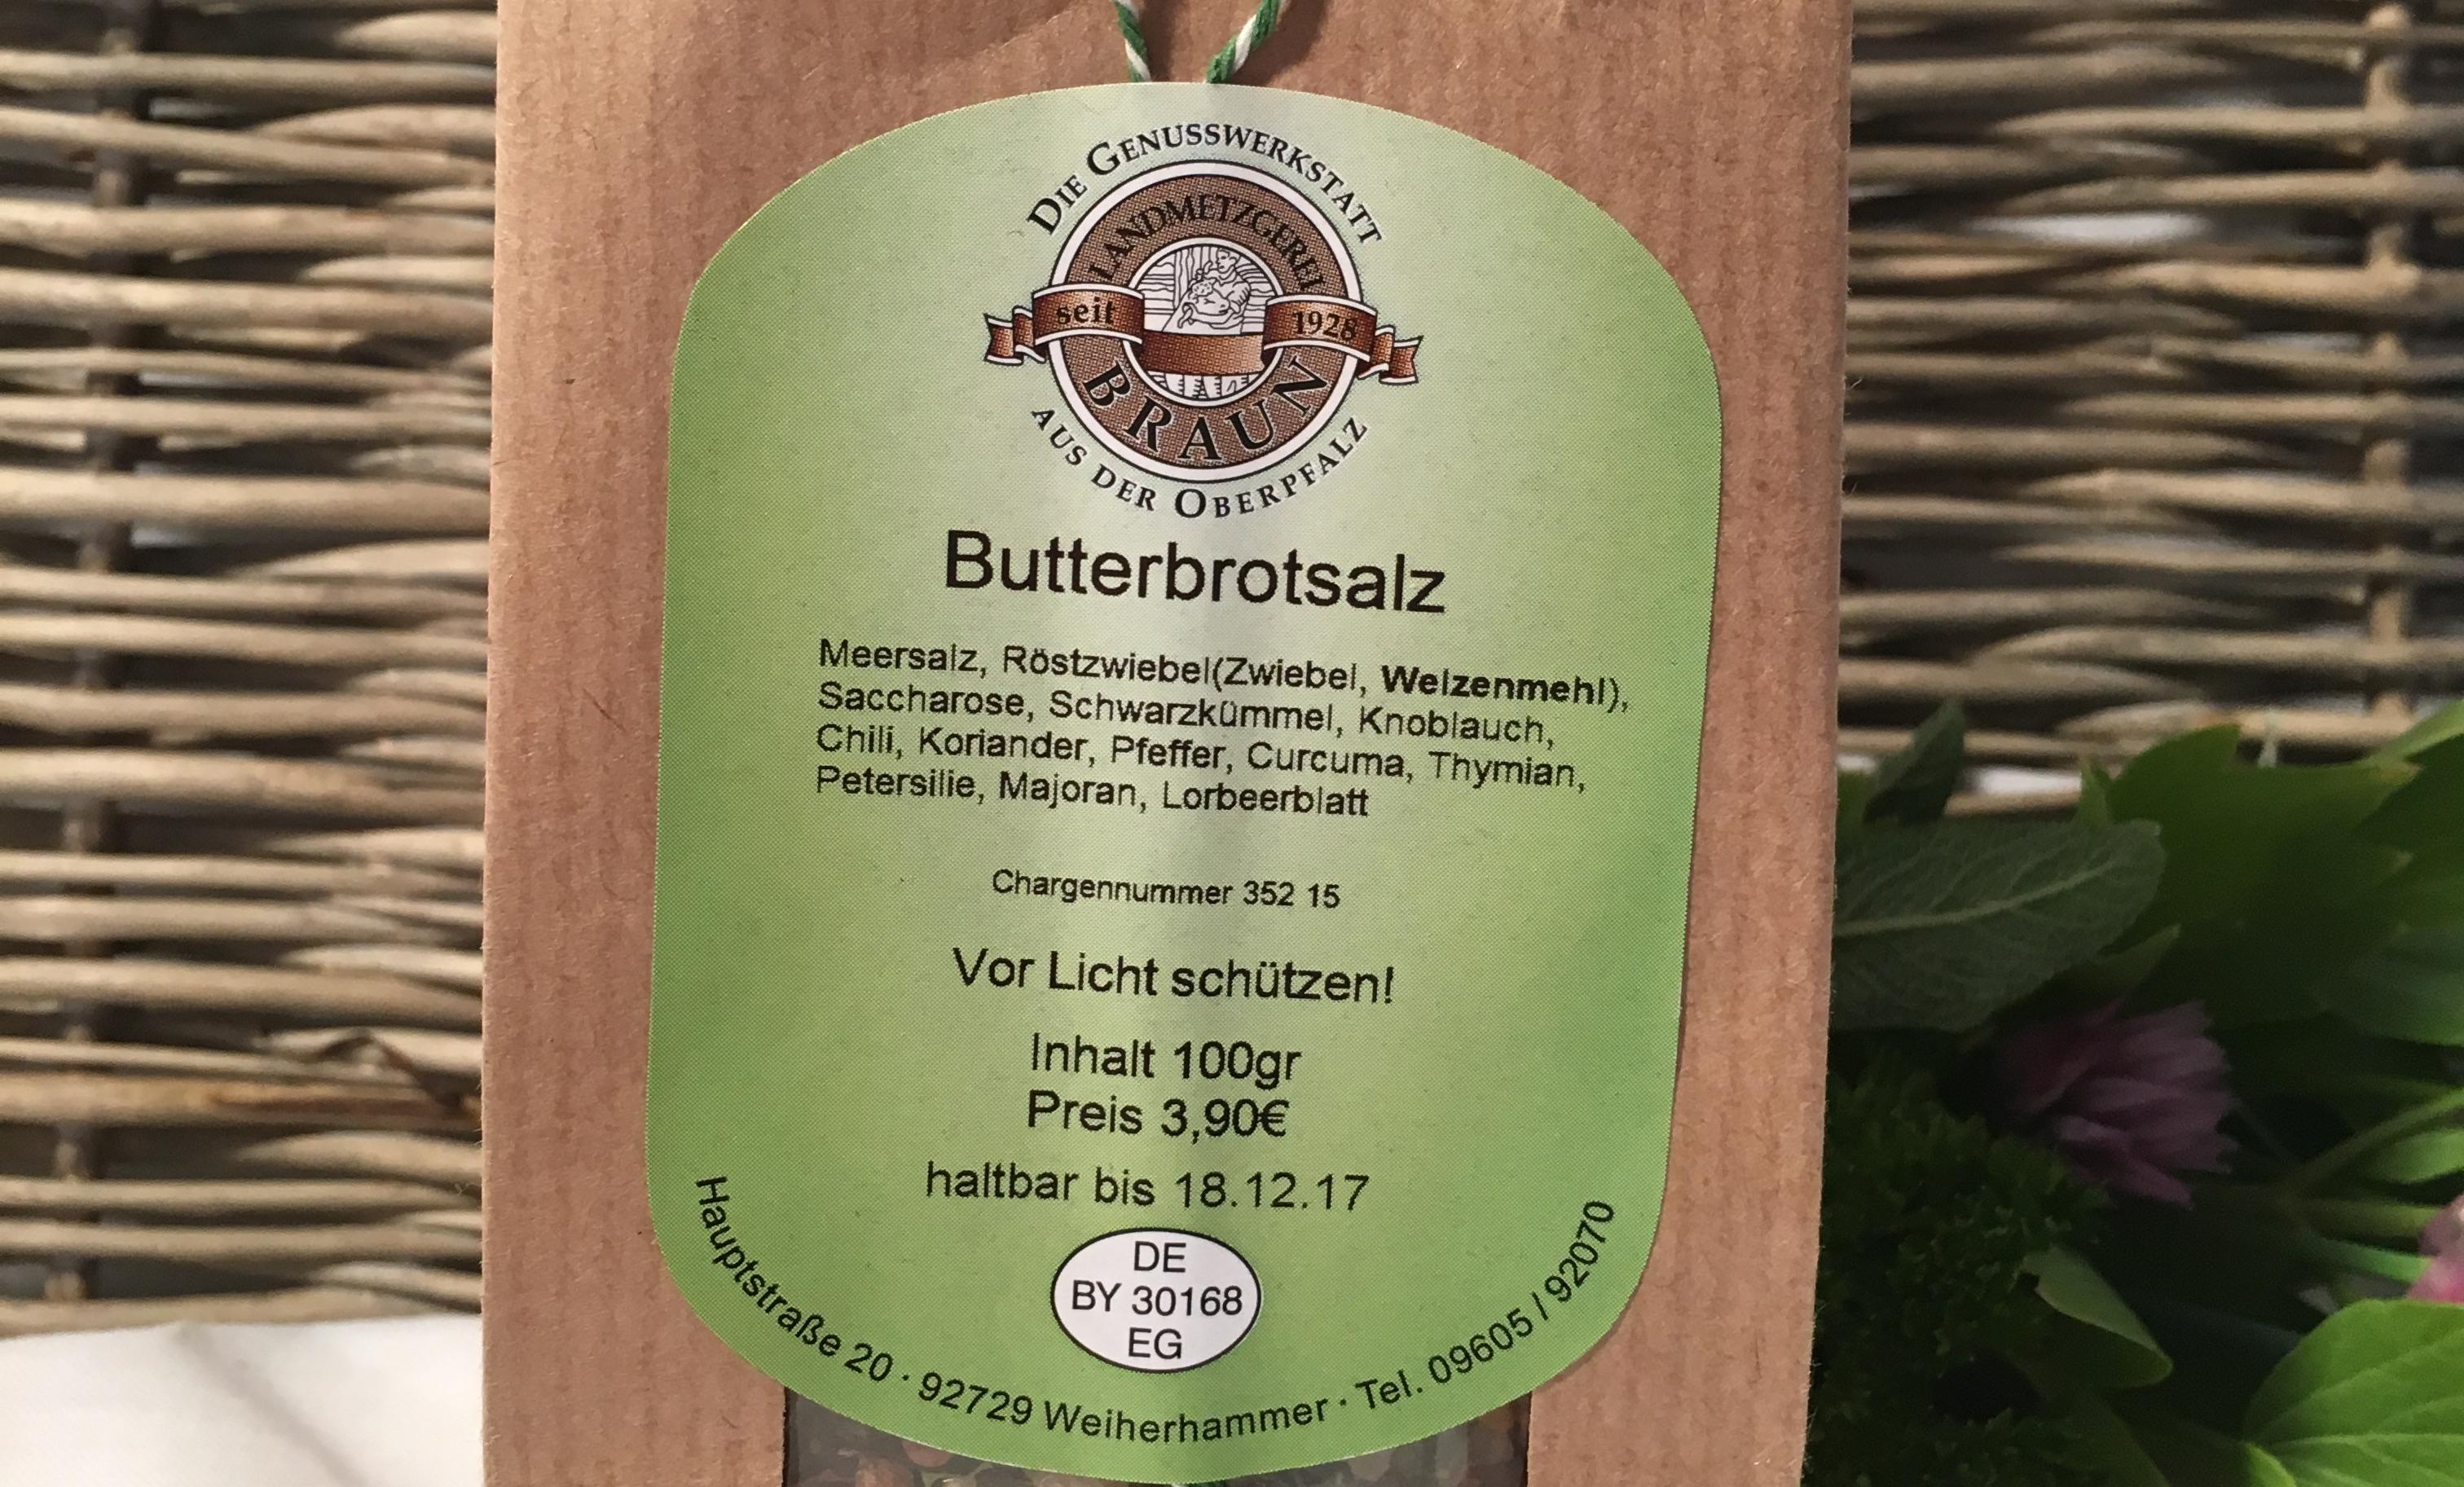 butterbrotsalz zum nachfüllen 2